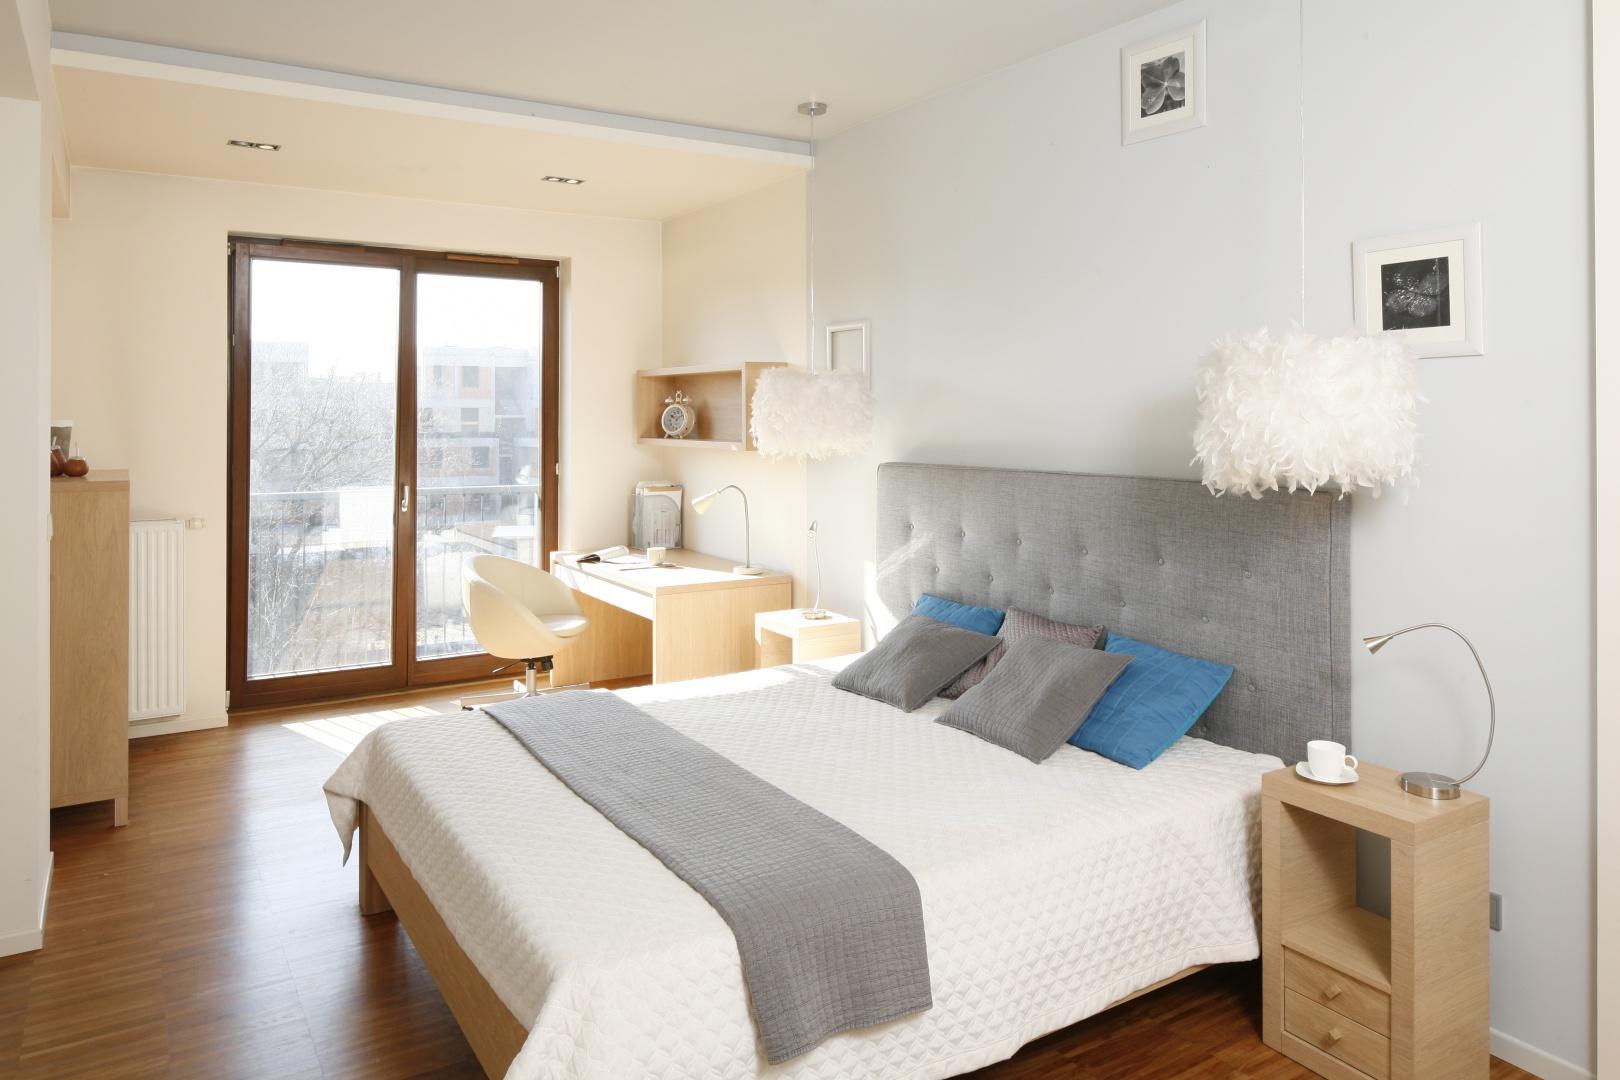 Sypialnia zainspirowana skandynawską stylistyką. Wnętrze jest jasne, przytulne i sprzyja odpoczywaniu. Projekt: Marta Kruk. Fot. Bartosz Jarosz.